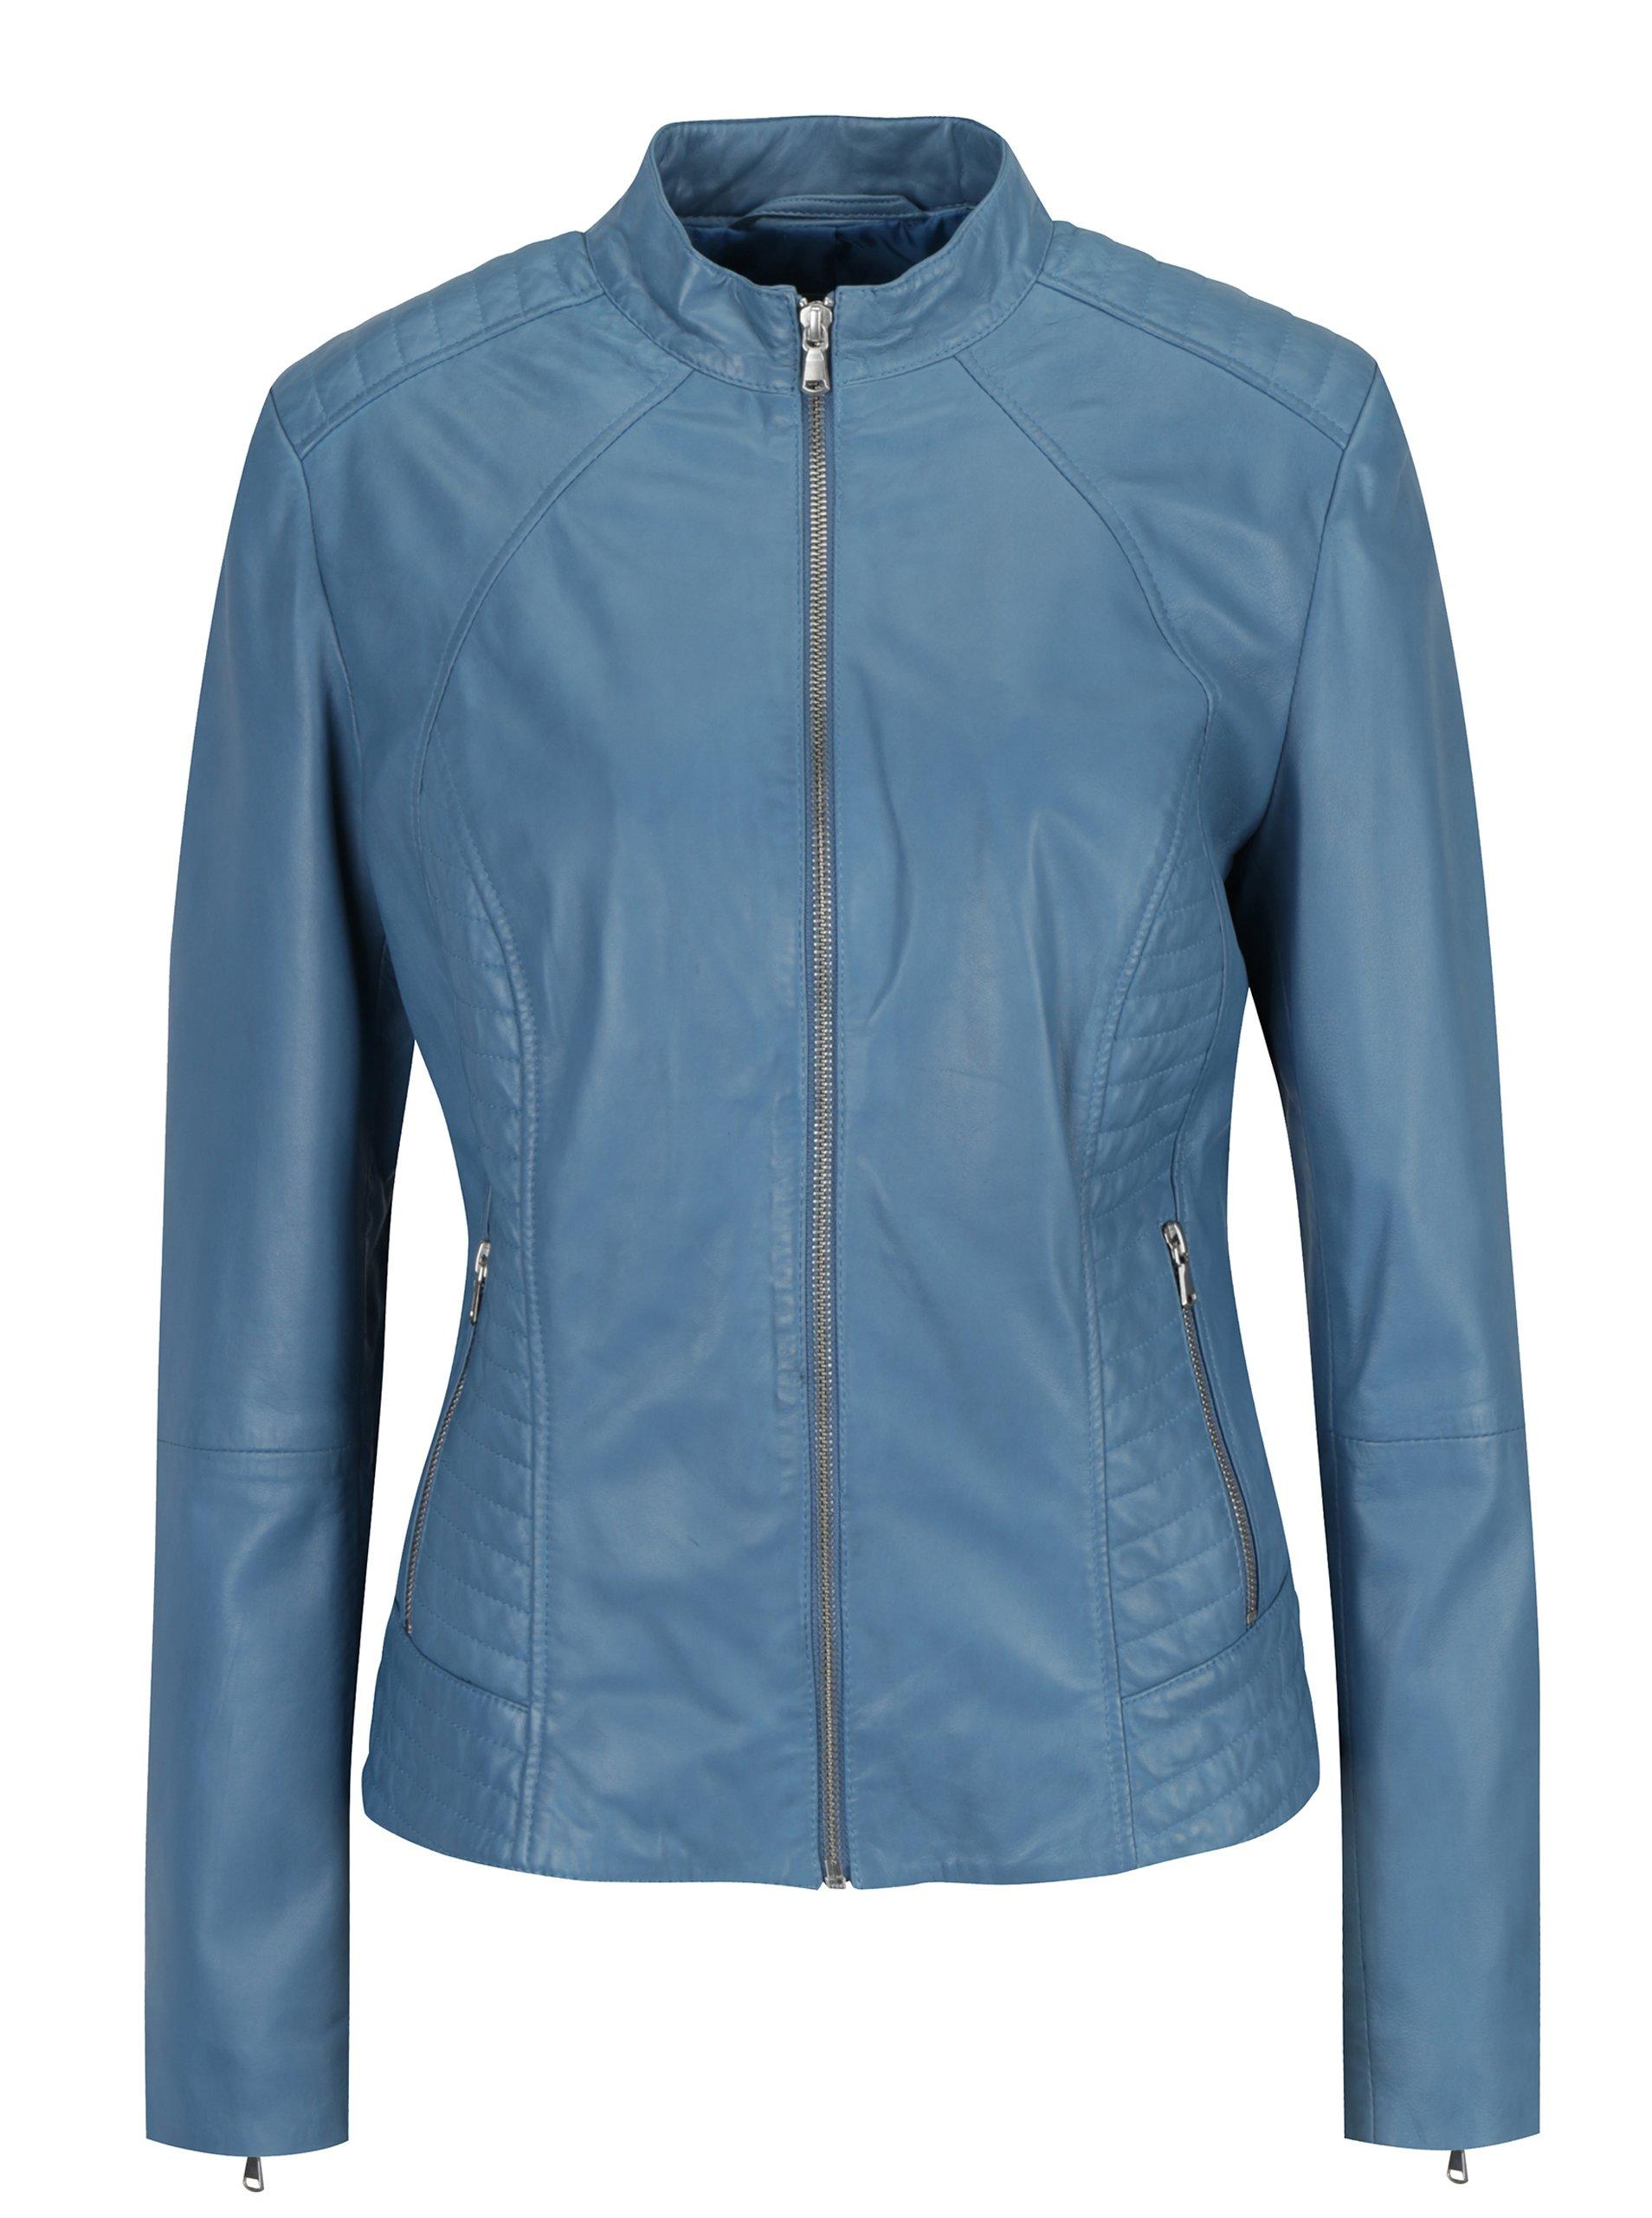 Modrá dámská kožená bunda s prošívanými detaily KARA Apost